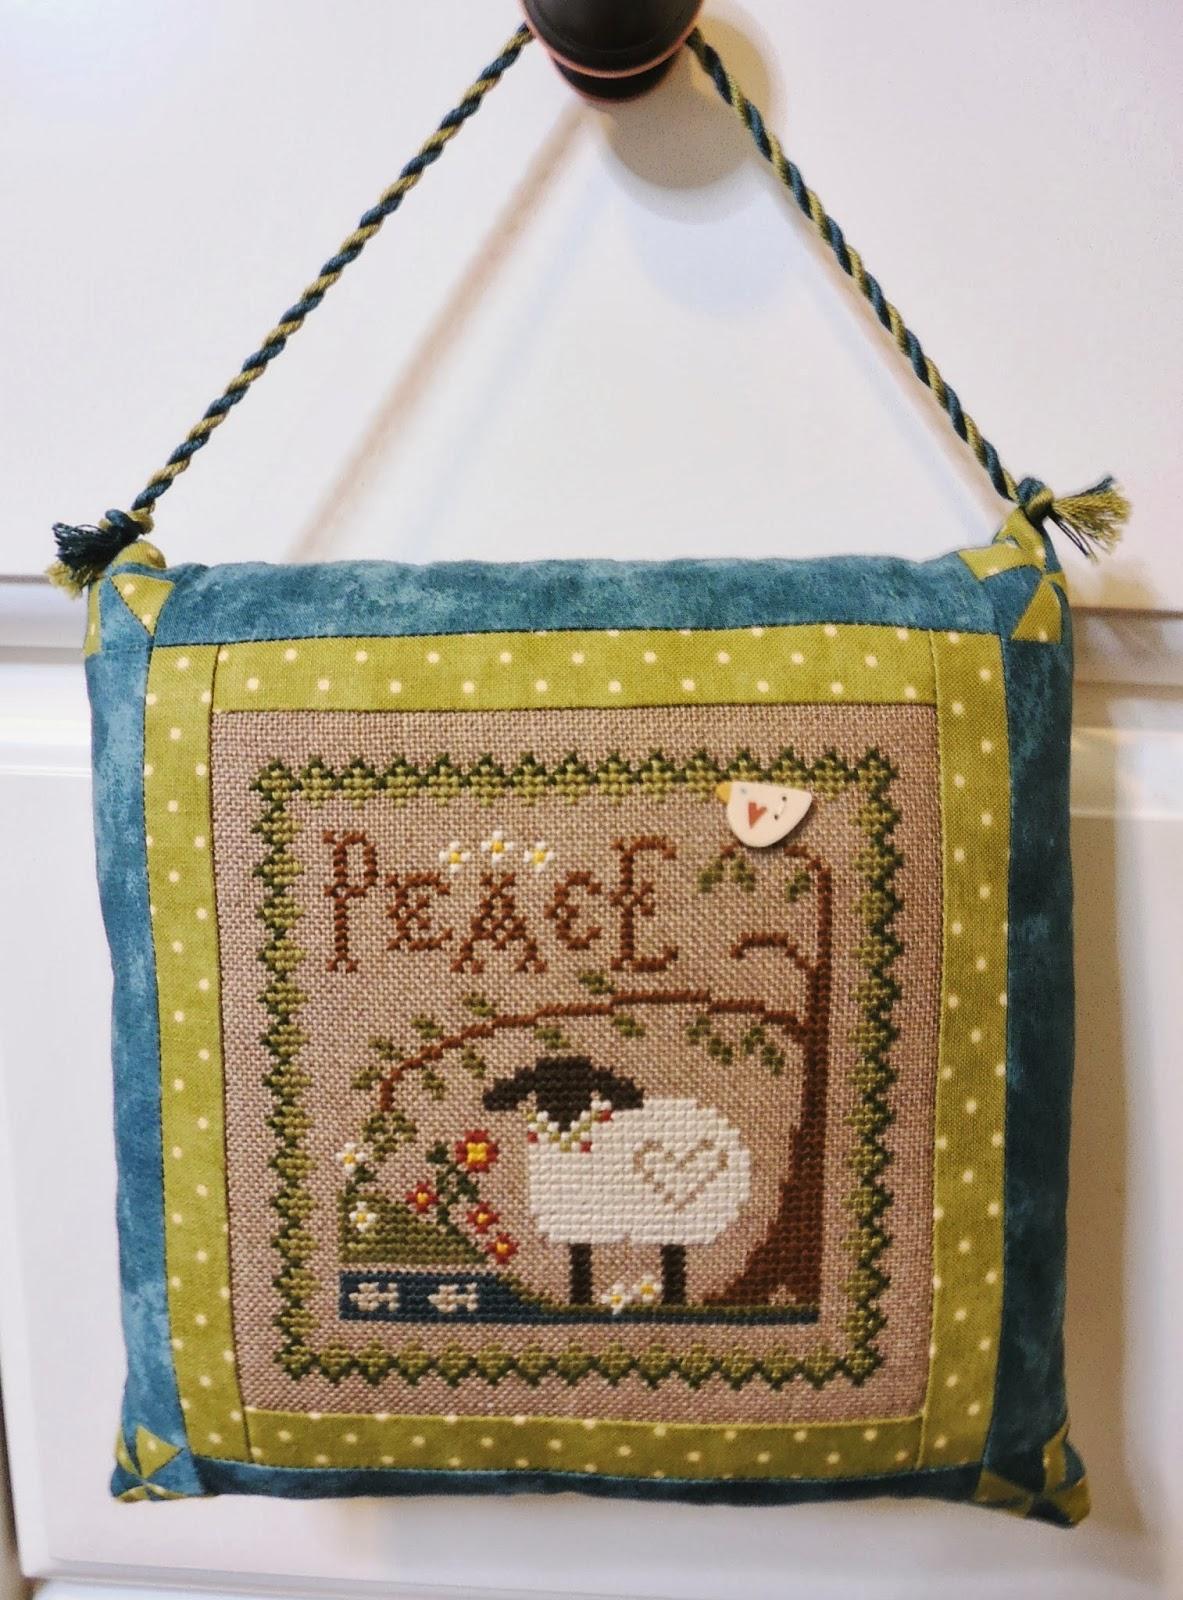 http://4.bp.blogspot.com/-e4mCgVCjebU/Uu5b8Tj5mrI/AAAAAAAAEIk/jszpPiFiDEY/s1600/Peace+Sheep+1.jpg